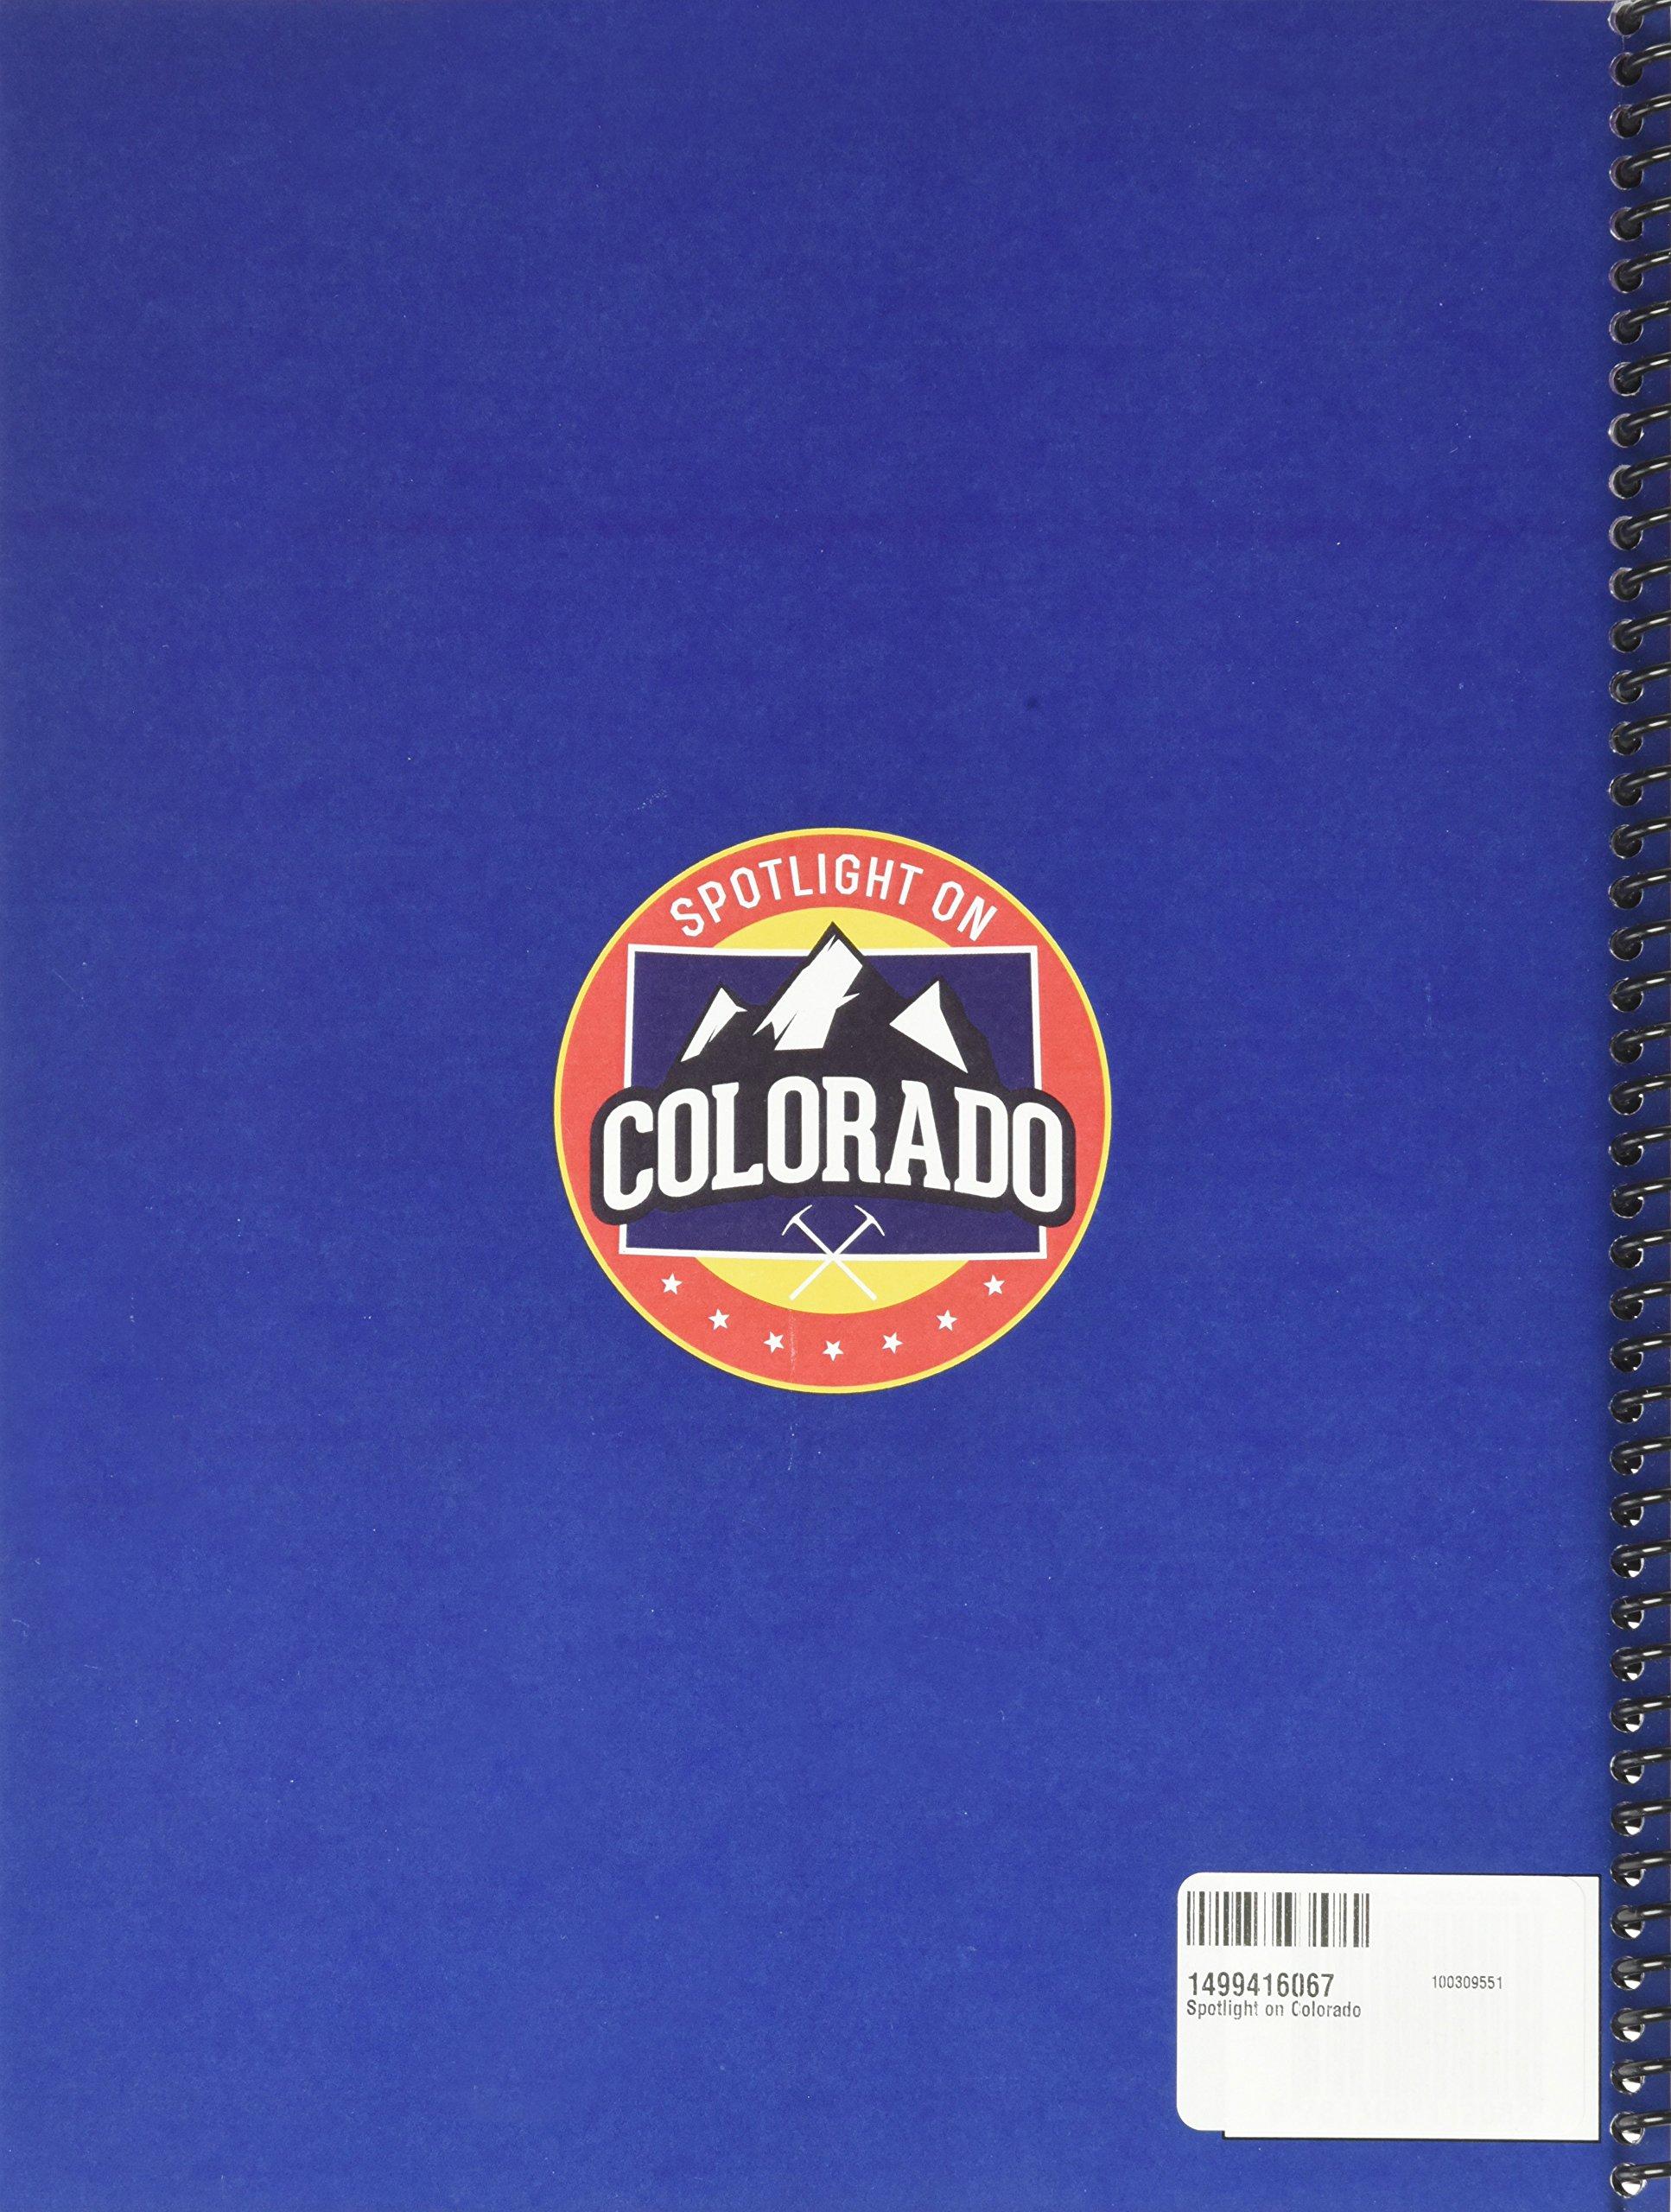 Spotlight on Colorado by Powerkids Pr (Image #2)